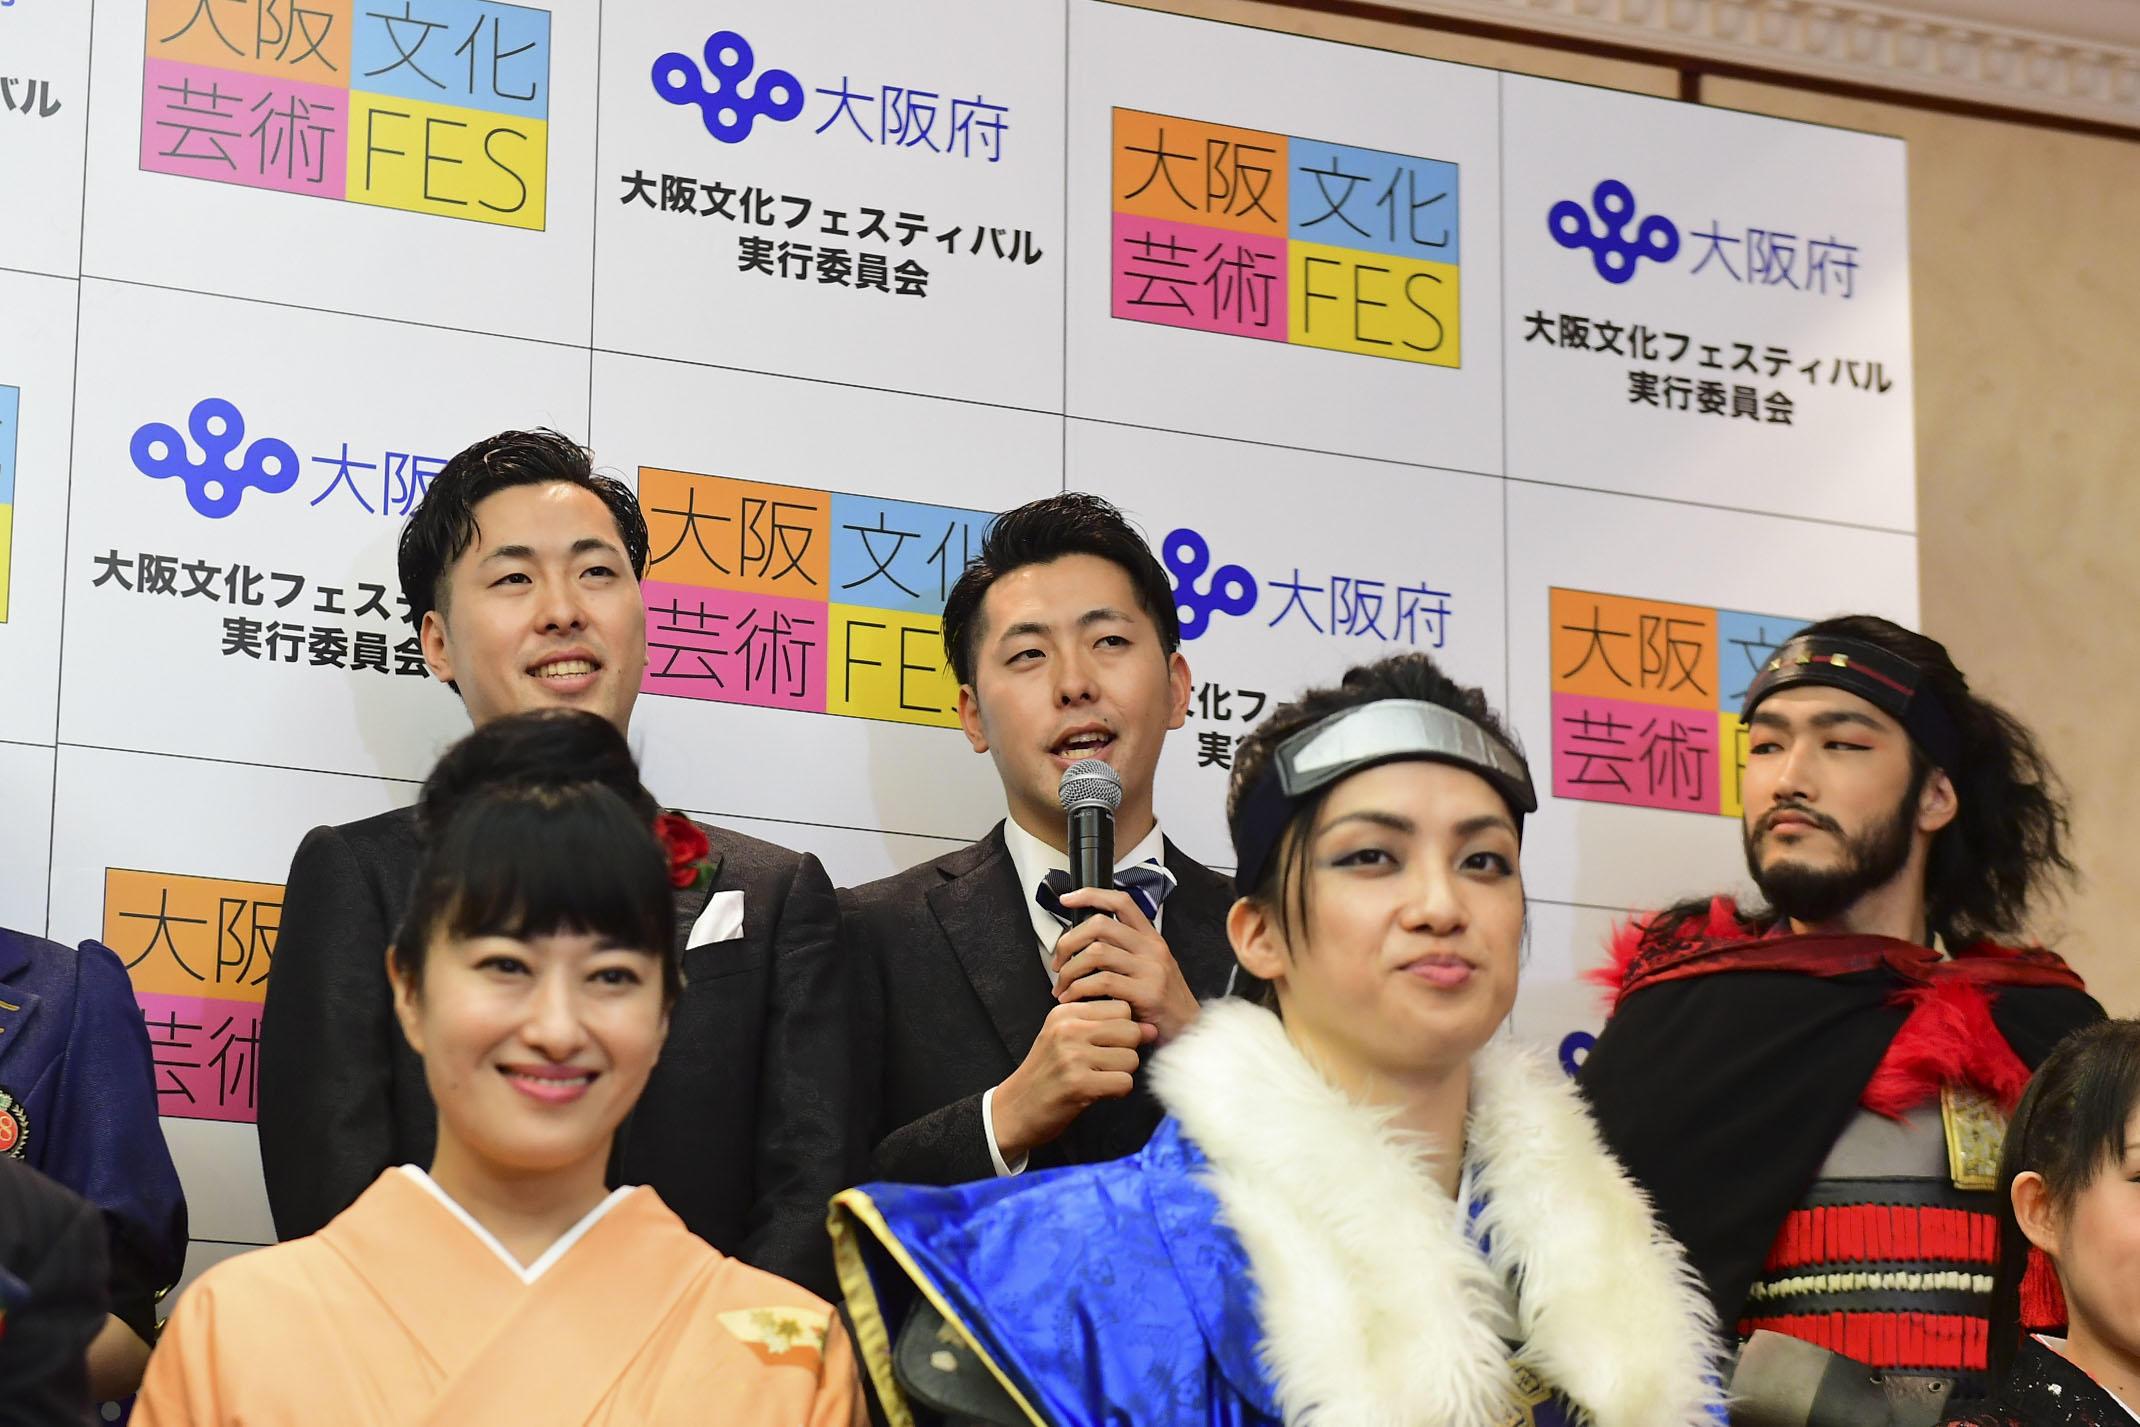 http://news.yoshimoto.co.jp/20170927102049-64924f4e4faa318ba86e13bc5cb0188e6496244f.jpg